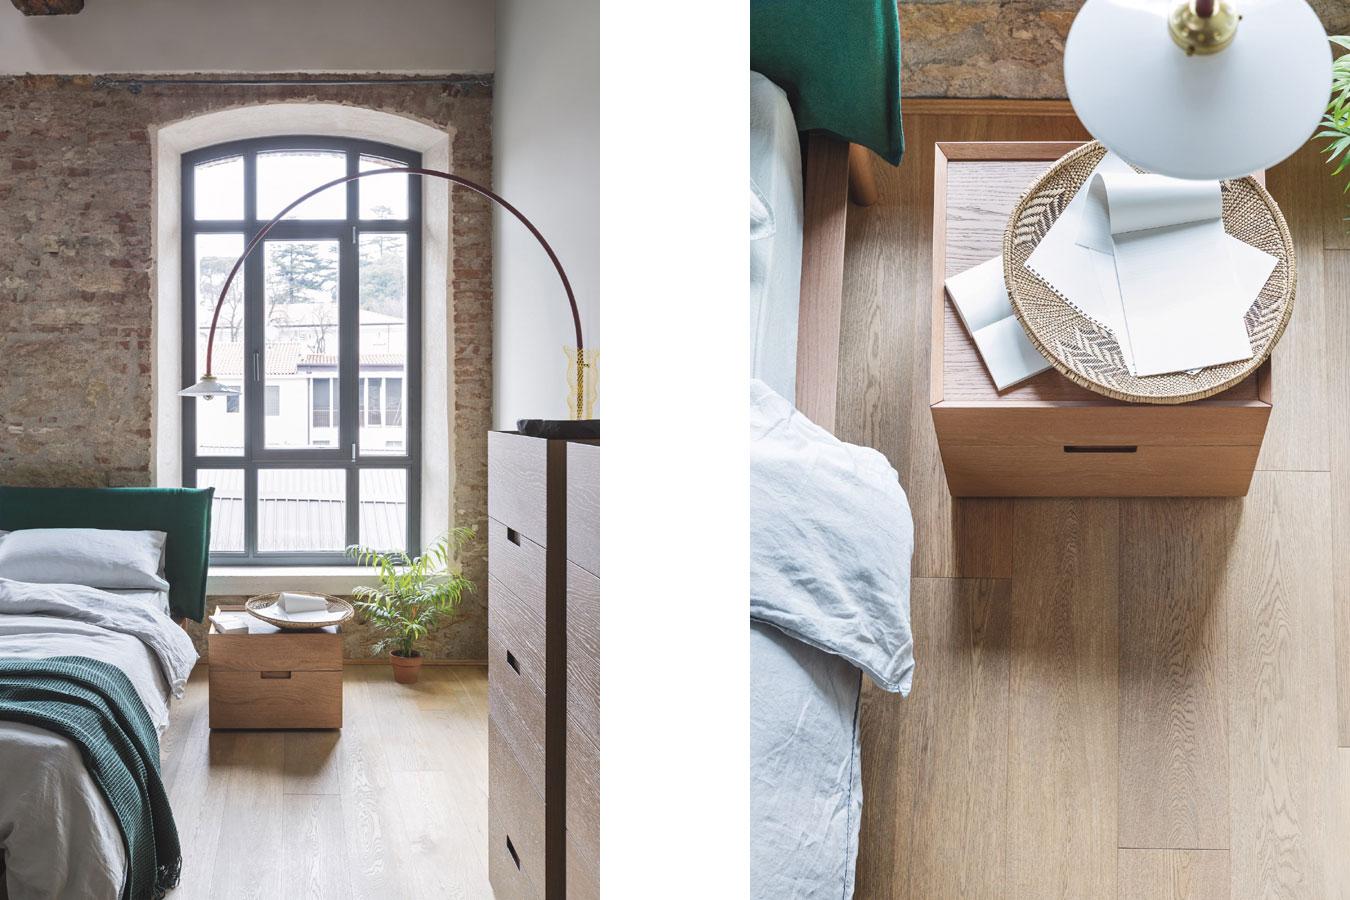 Comodini in legno chiaro Quarantacinque di Novamobili per la camera da letto